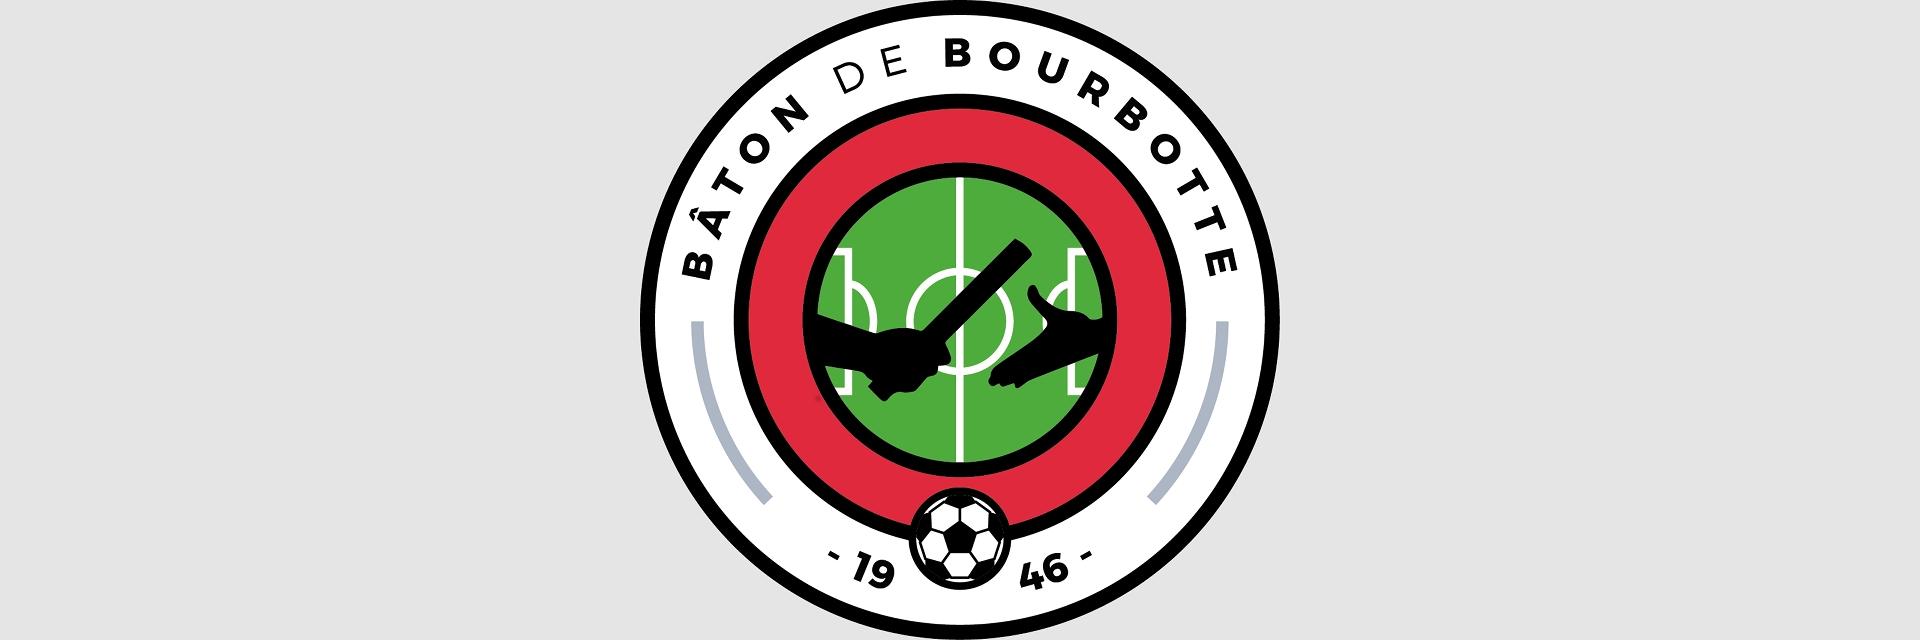 """Bâton de Bourbotte  : """"Rennes est à une unité du record de prises de bâton !"""""""